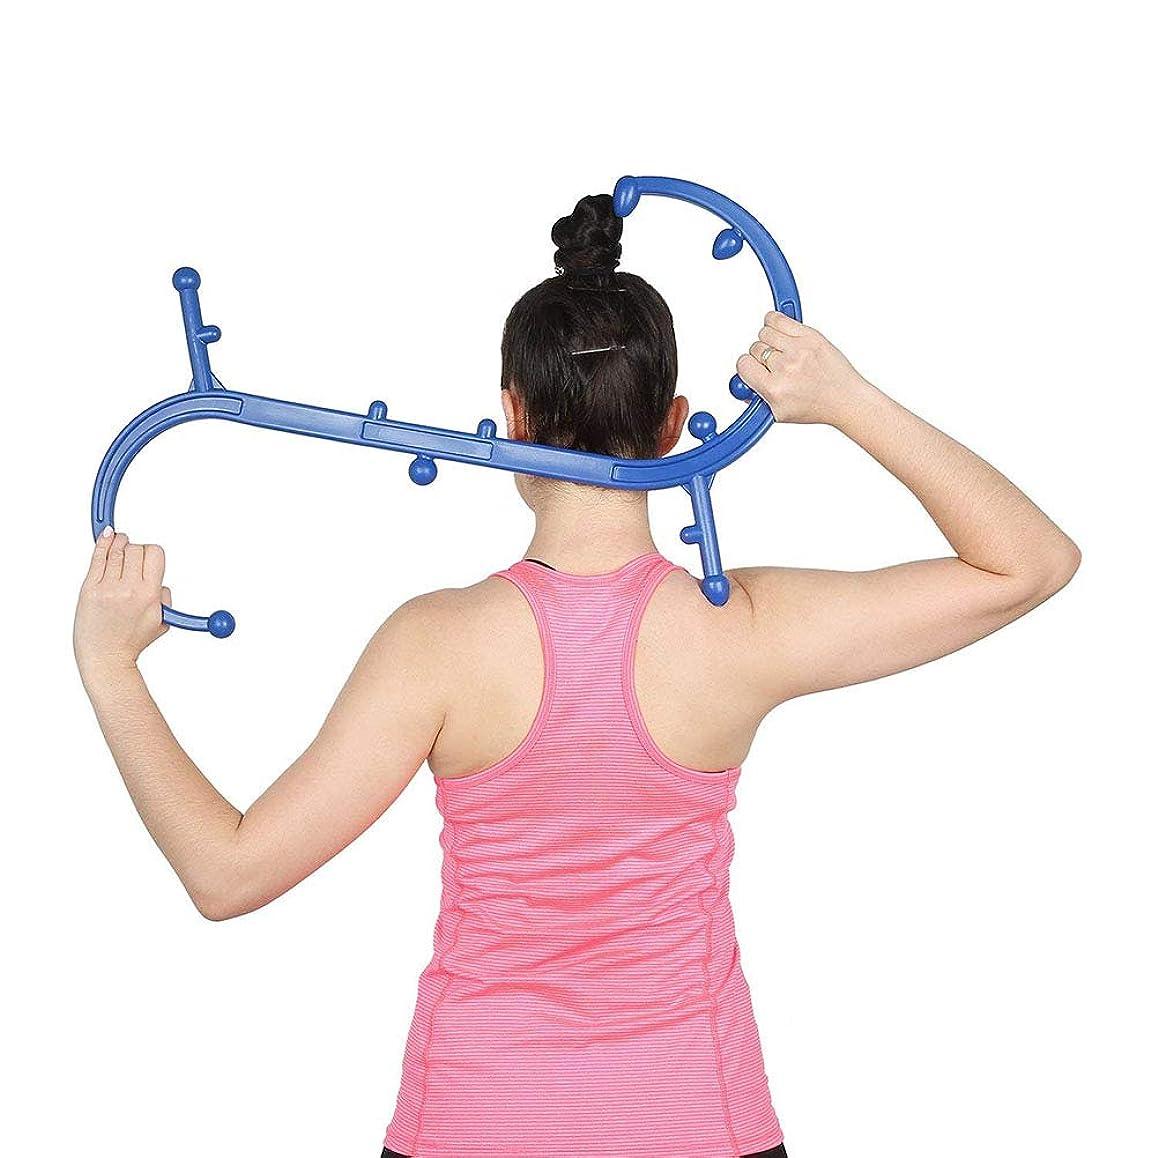 ハイランド標準やりすぎQuner 指圧代用器 ボディバックバディ ツボ押しグッズ ネックマッサージャー 肩こり解消 Trigger Point Therapy Self Massage (ブルー)